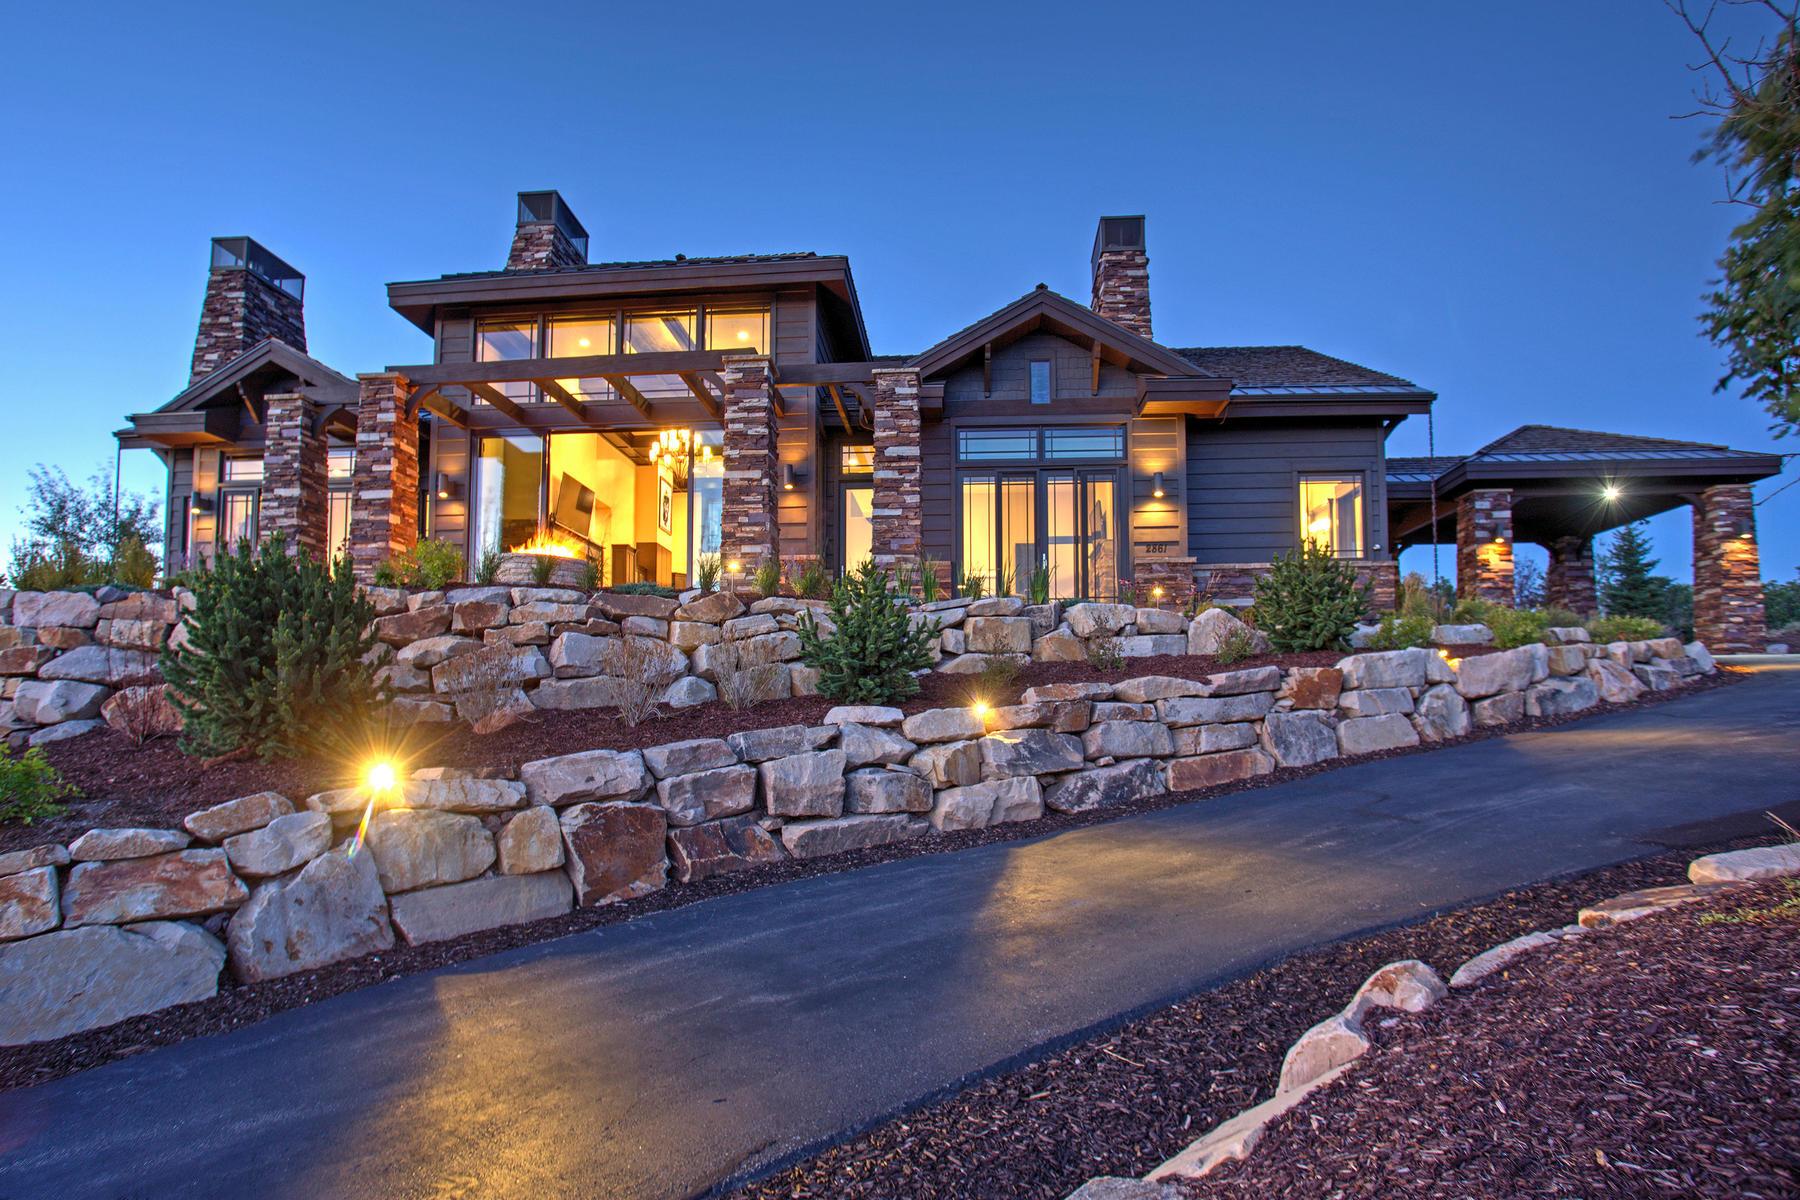 Moradia para Venda às Stunning View From This Updated Tuhaye Home 2861 N Ridgeway Dr Heber City, Utah, 84032 Estados Unidos